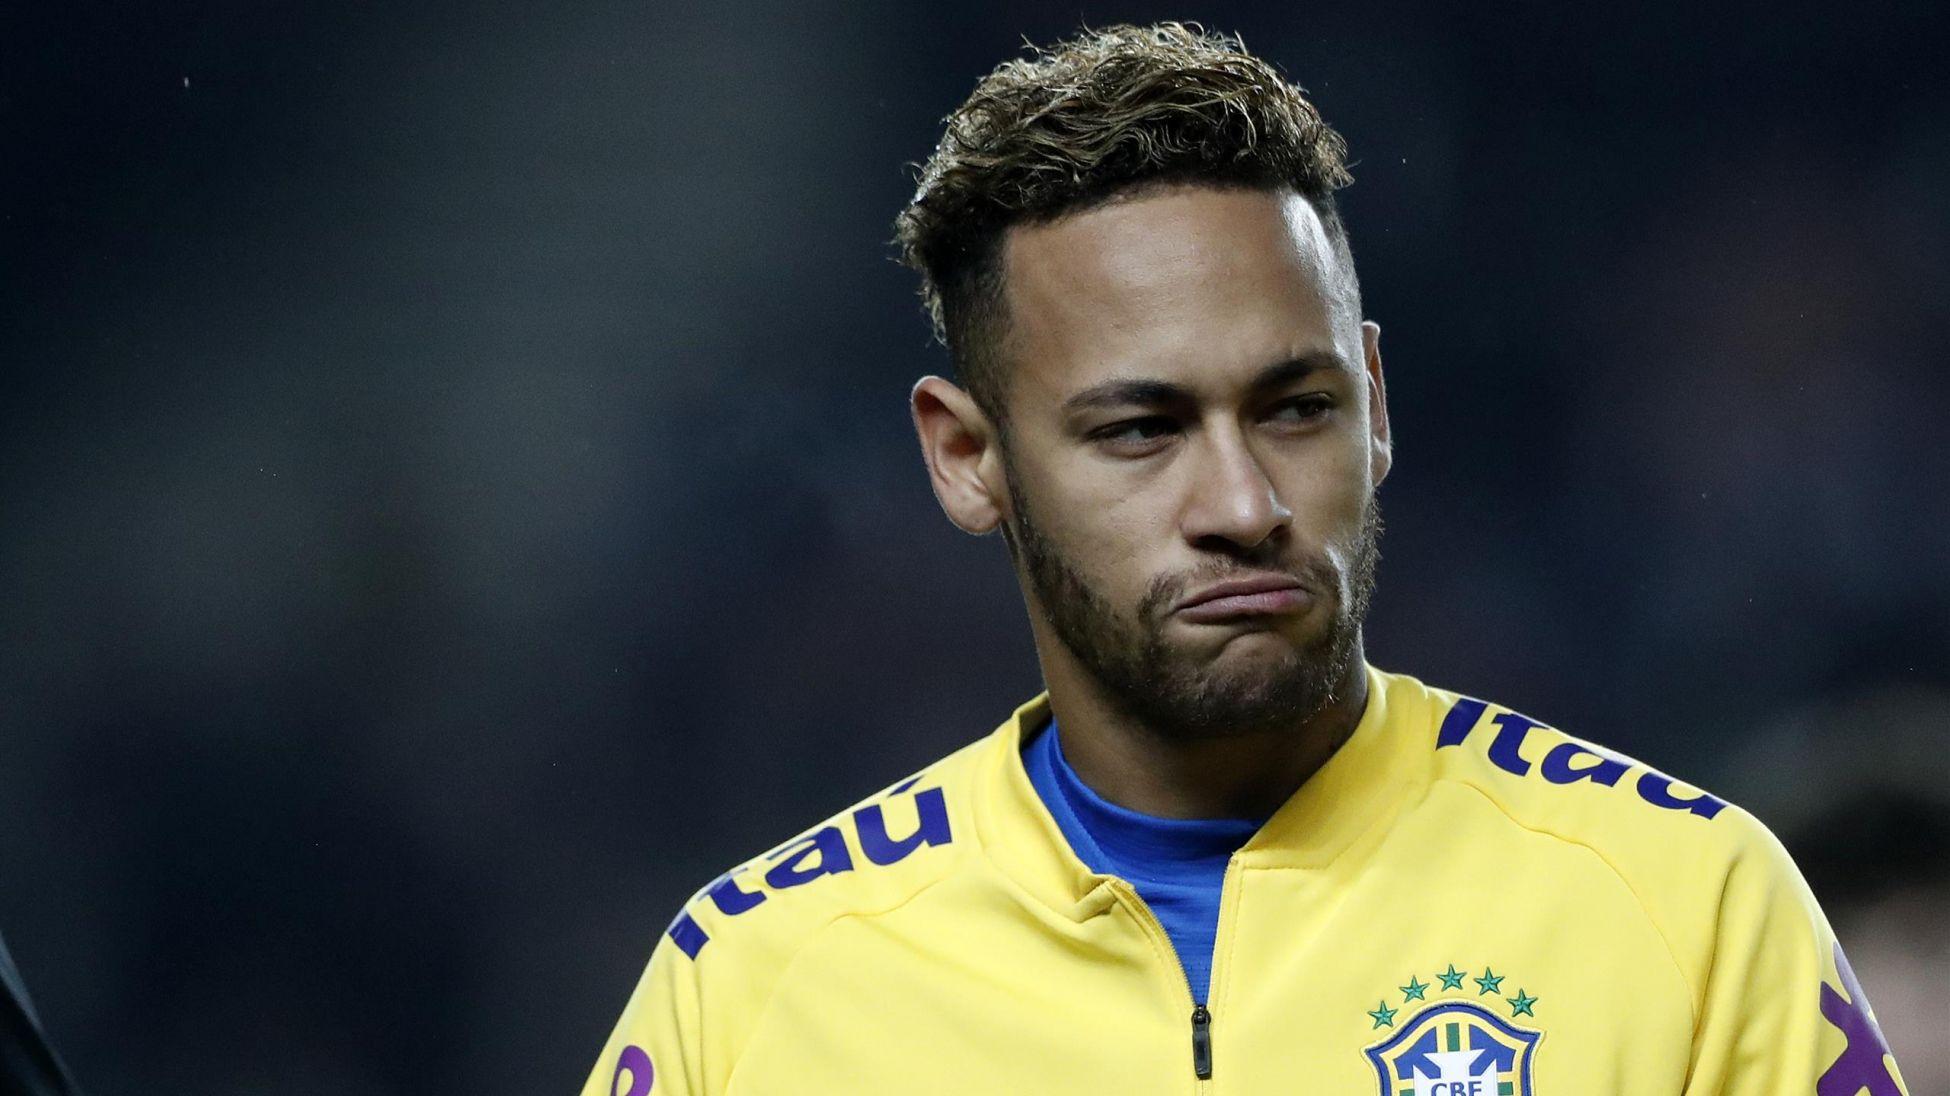 Photo of Affaire Neymar : Le président du Brésil soutient l'attaquant